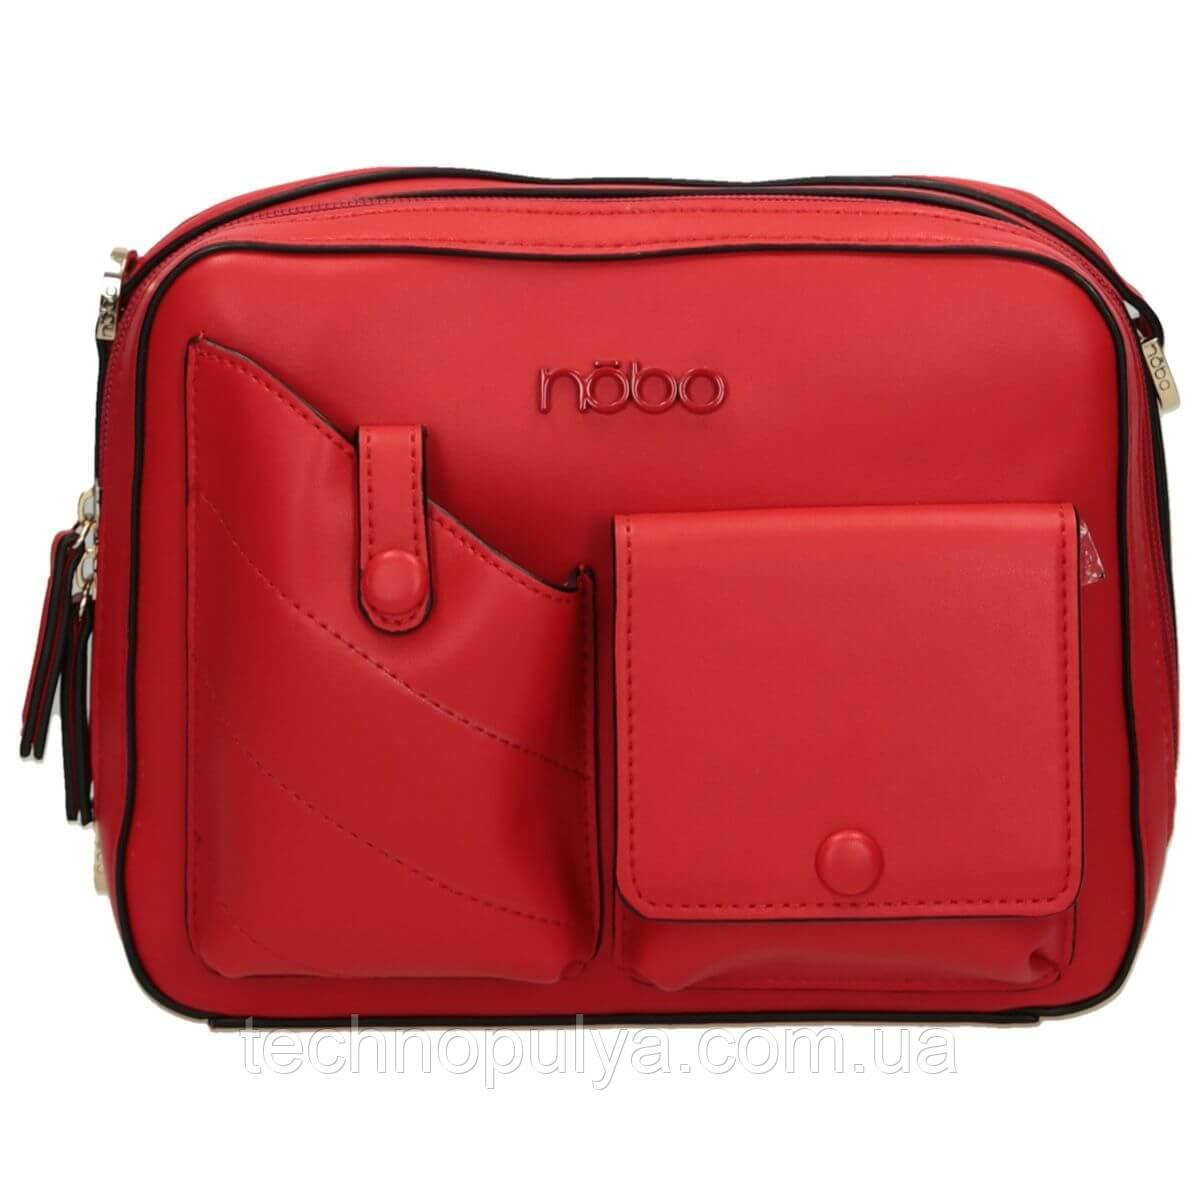 Сумка женская NOBO NBAG-I1470-C005 Красный